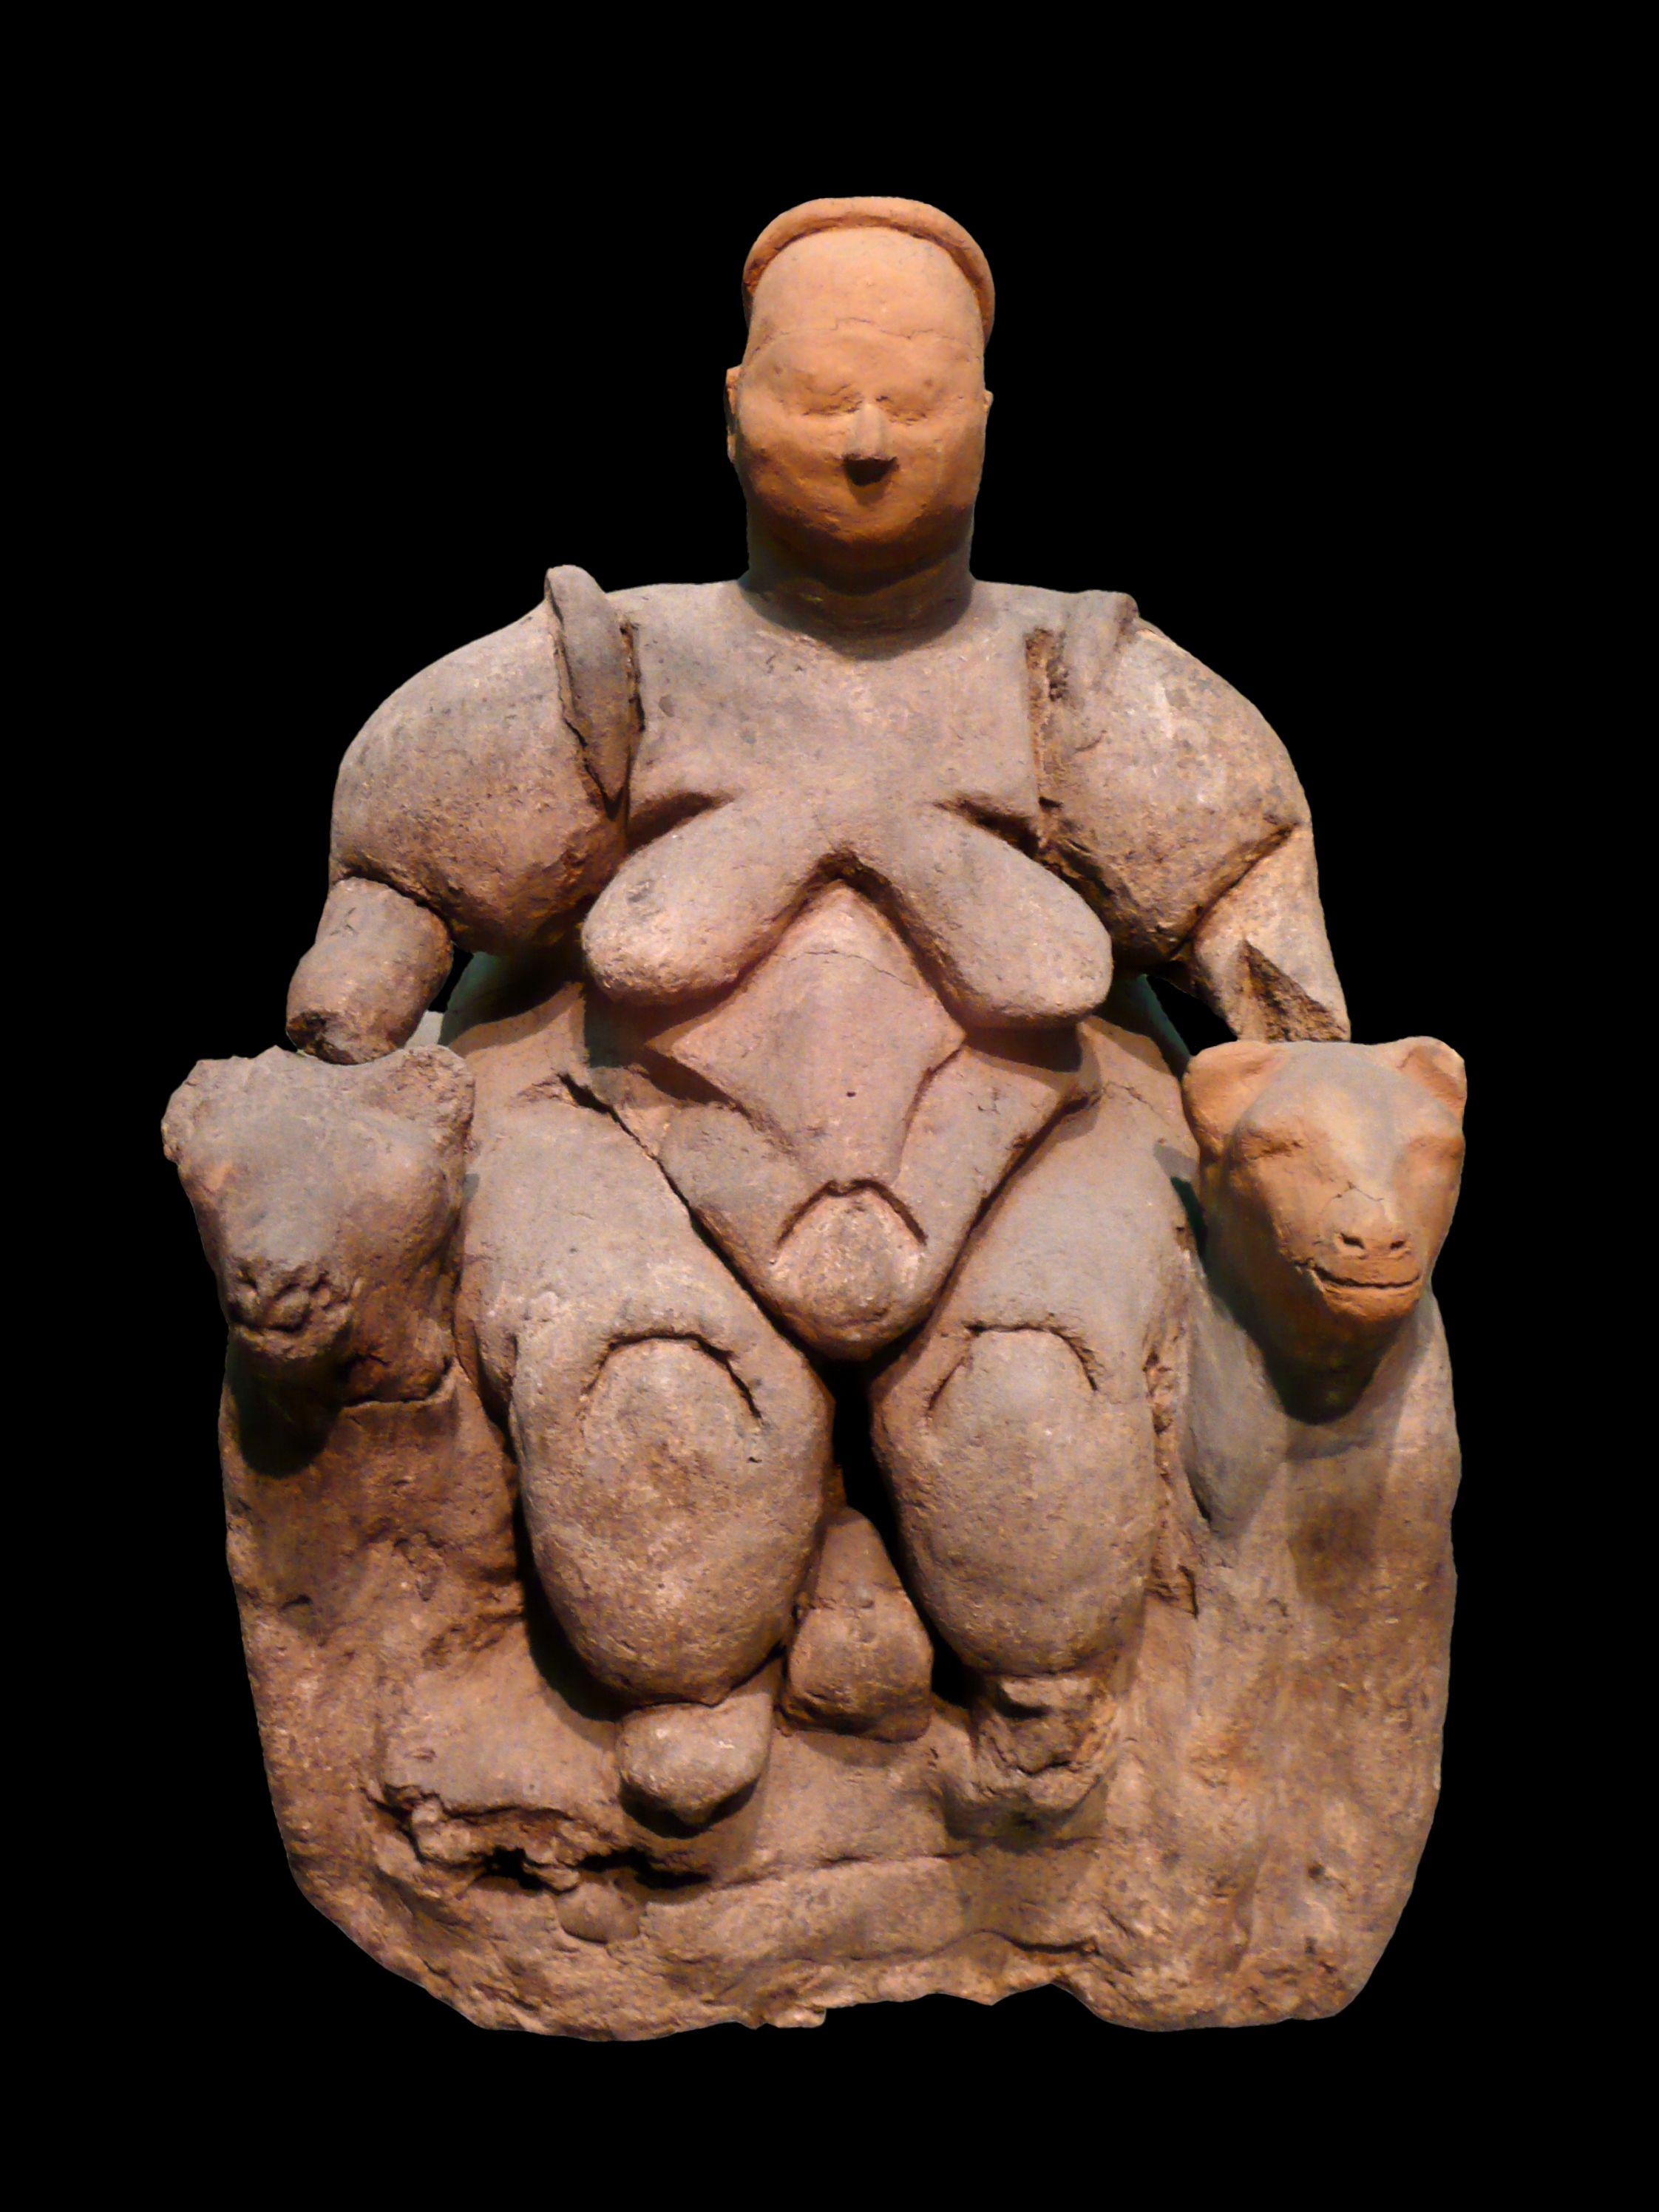 Ana tanrıça? heykelciği, Çatalhöyük, yaklaşık M.Ö. 5750, Ankara Anadolu Medeniyetleri Müzesi